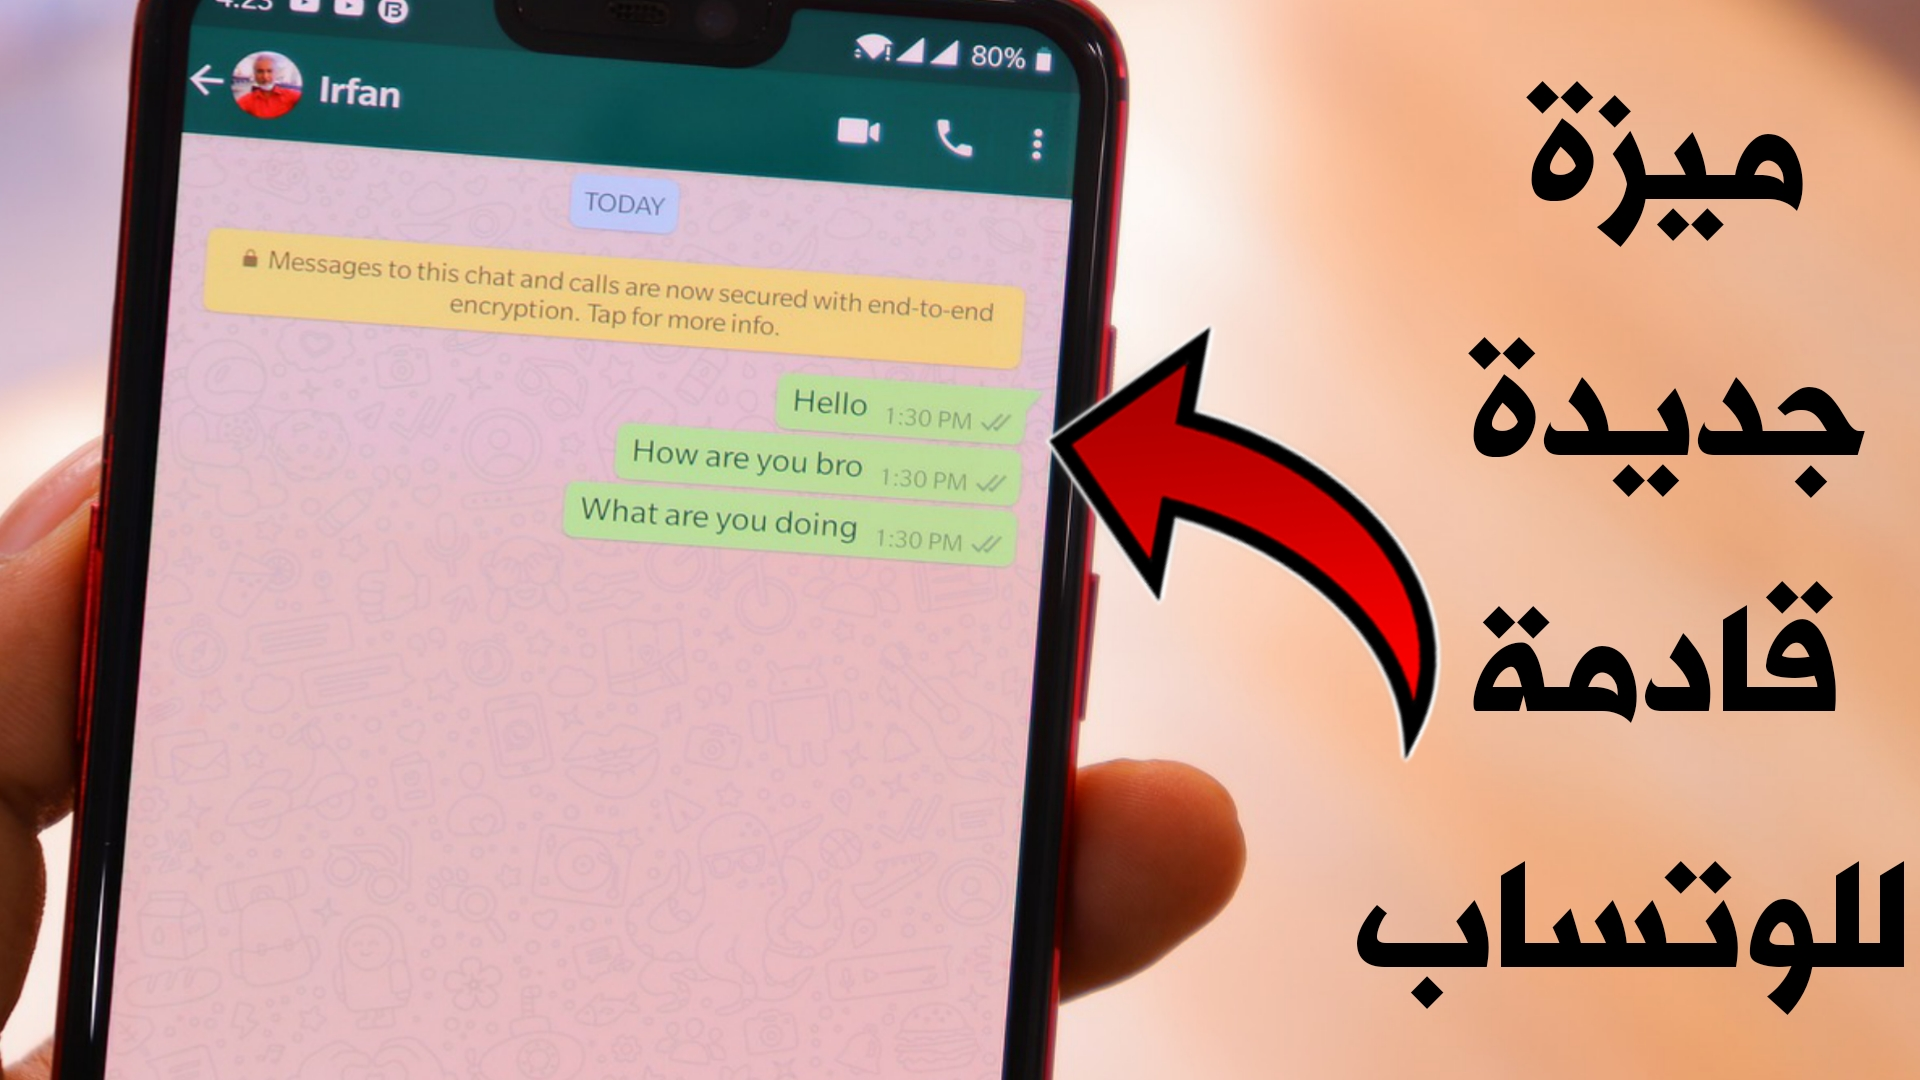 ميزة جديدة قادمة WhatsApp !!! أستحدام رقم هاتفي واحد على عدة أجهزة ذكية ولوحية